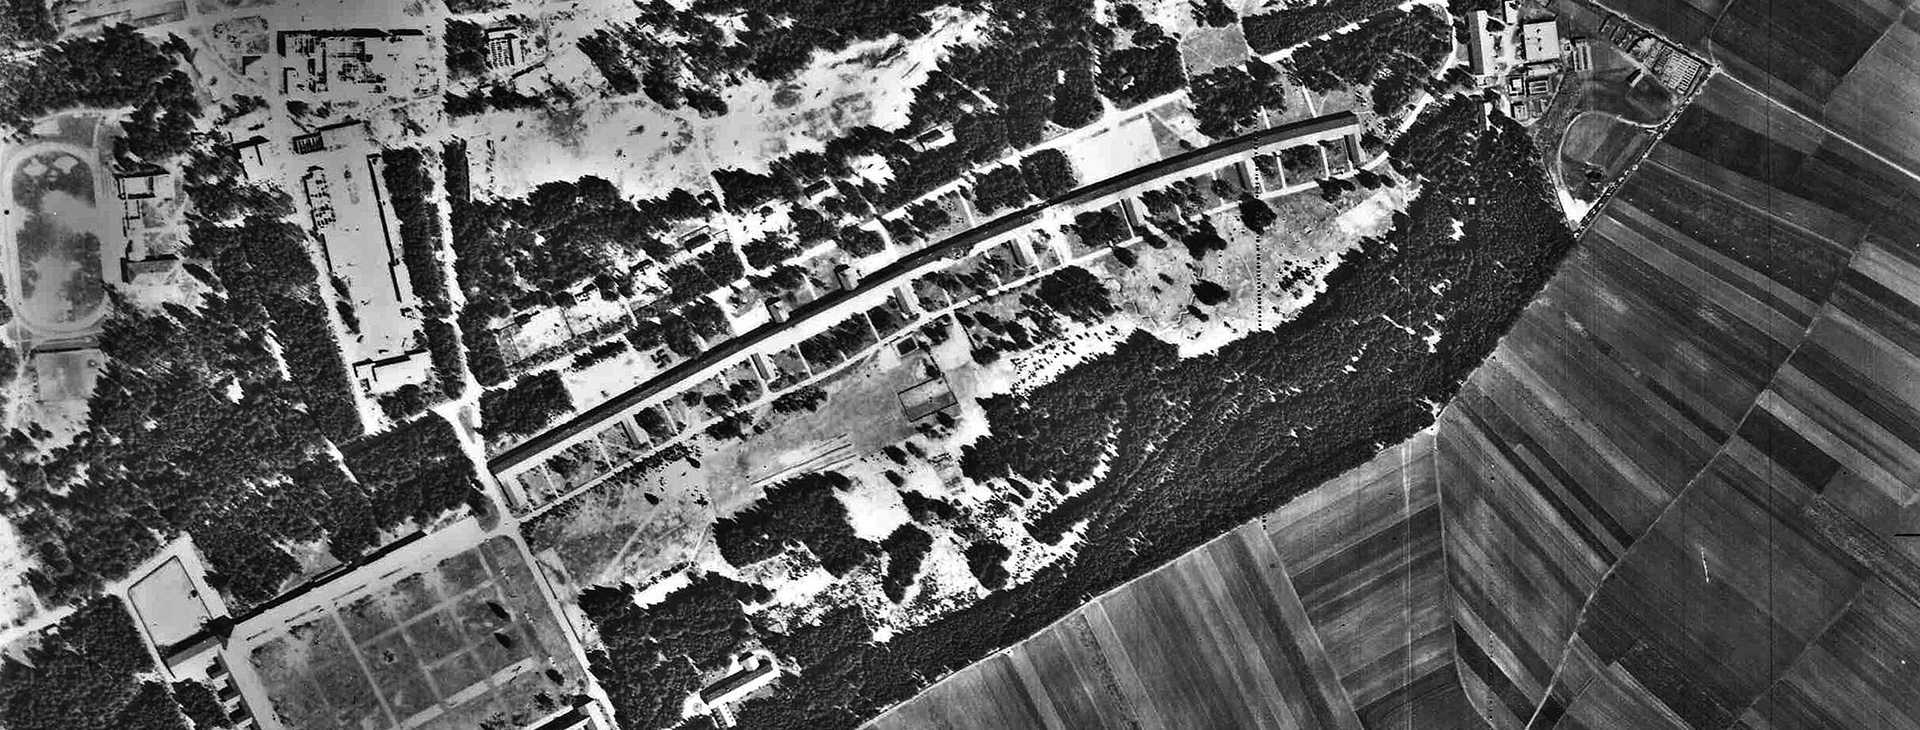 Fursty historische US Luftbildaufnahme